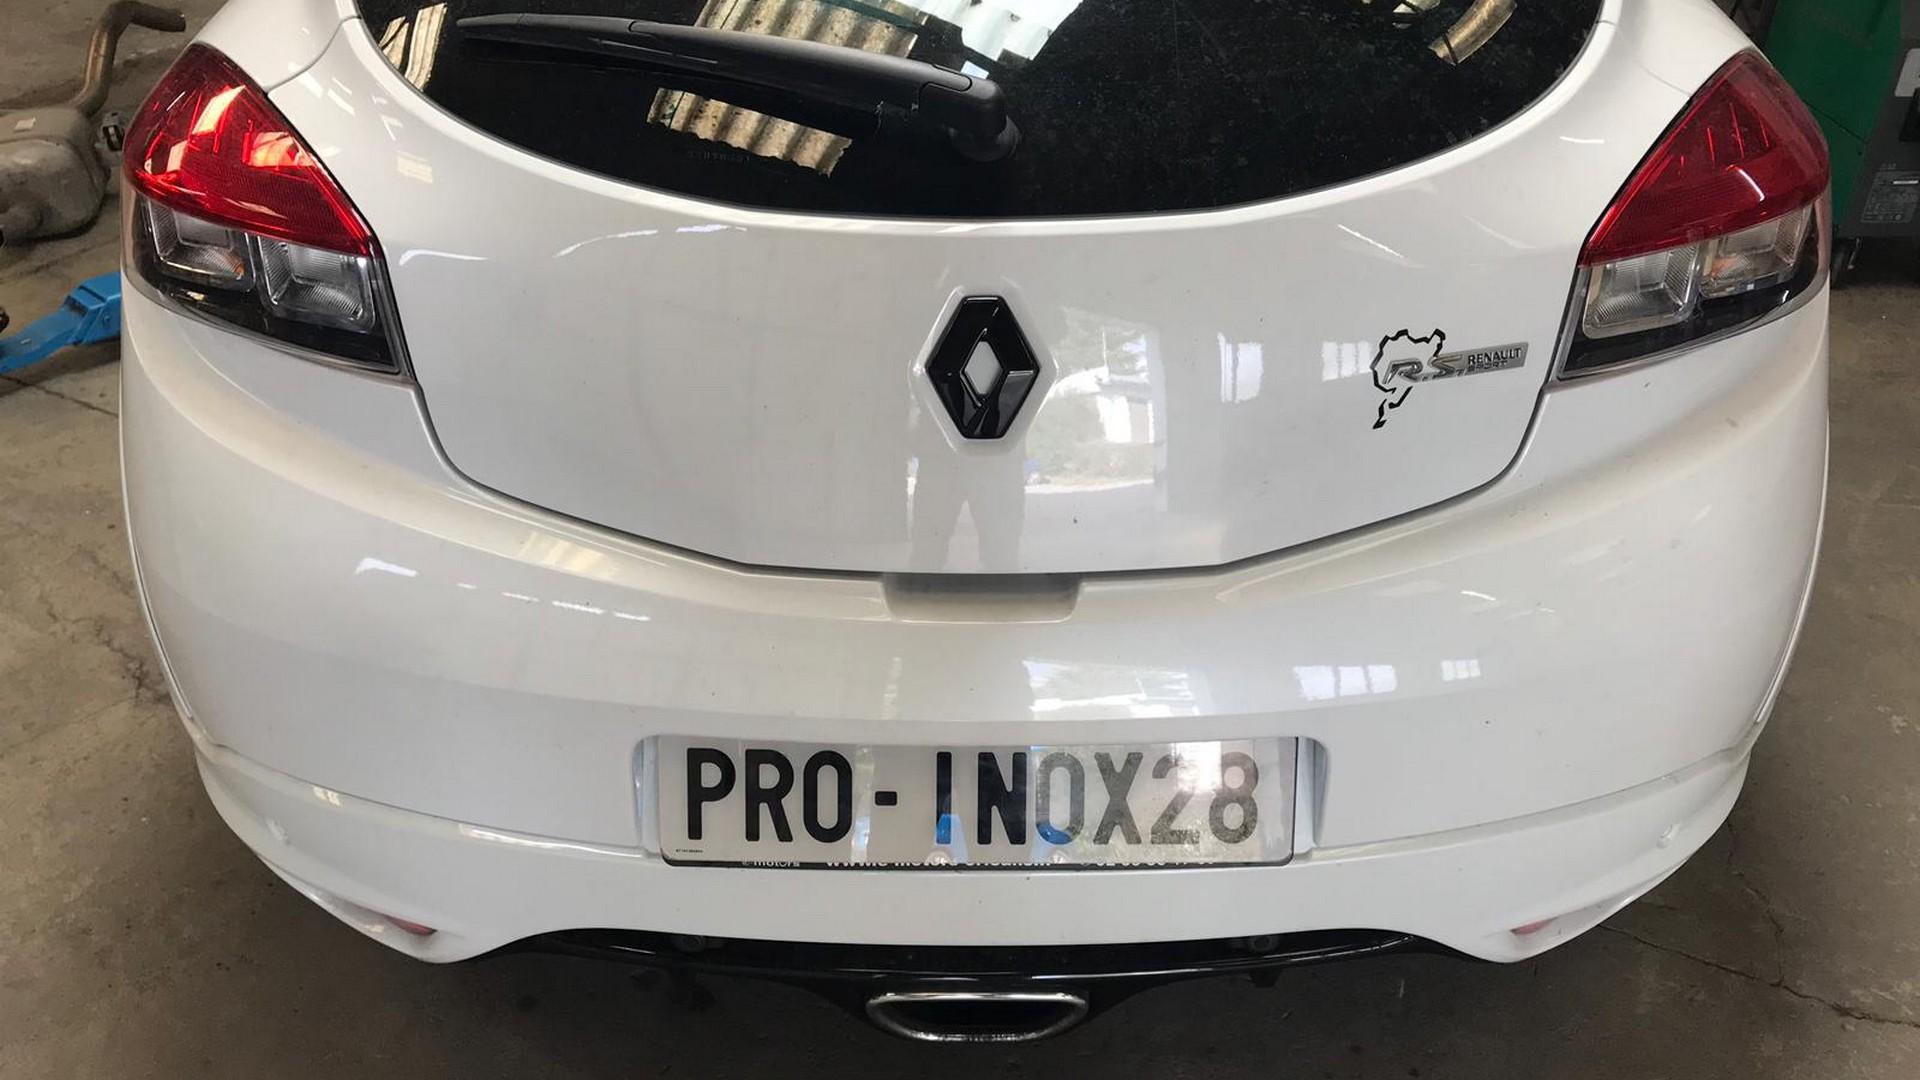 Proinox28- Échappement Renault Megane 4 RS